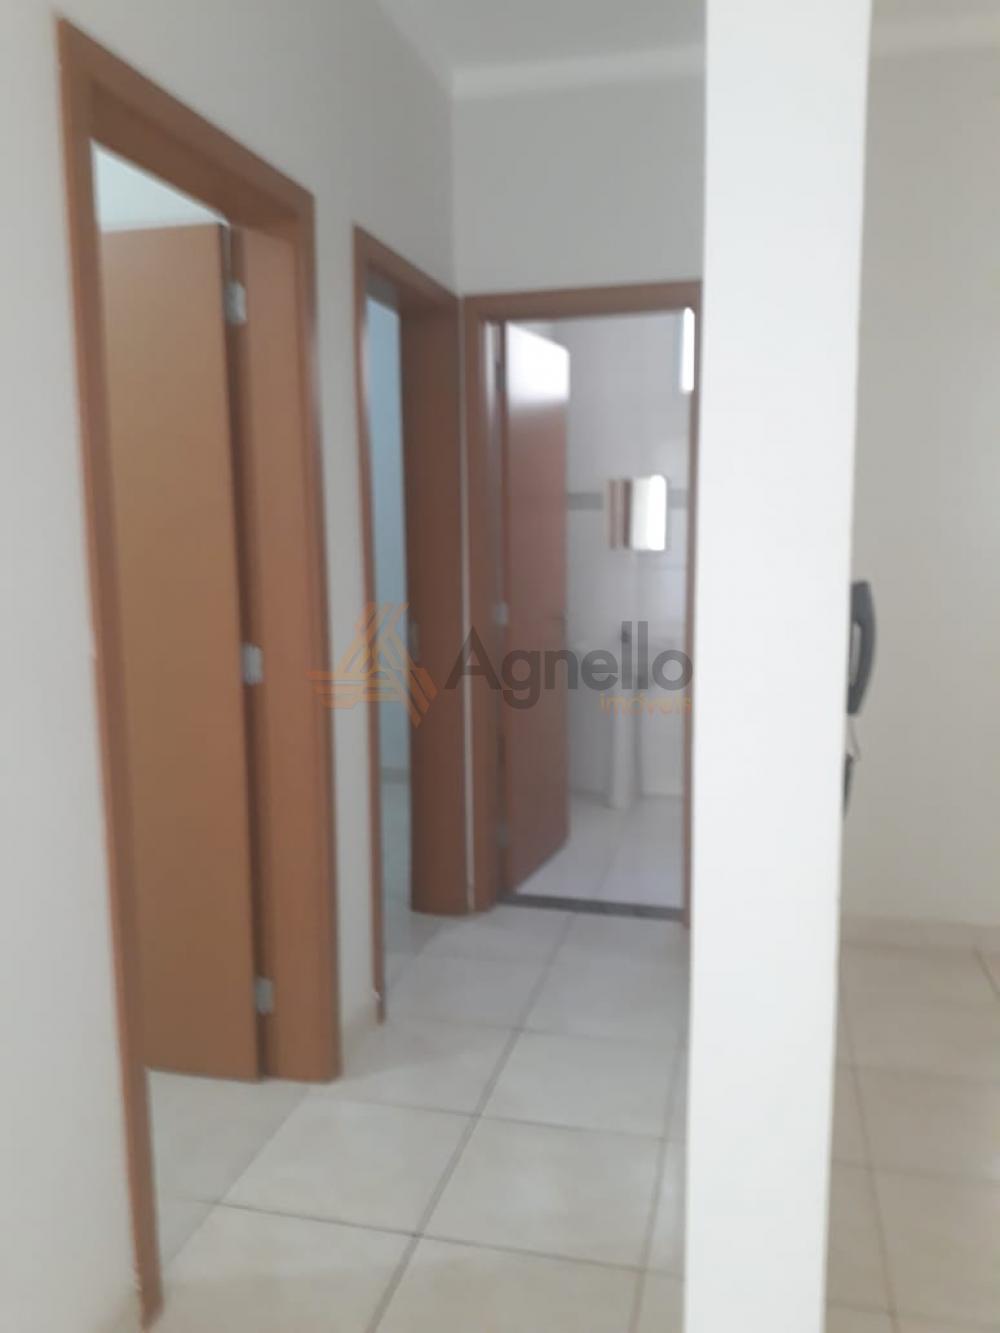 Comprar Apartamento / Padrão em Franca R$ 170.000,00 - Foto 10